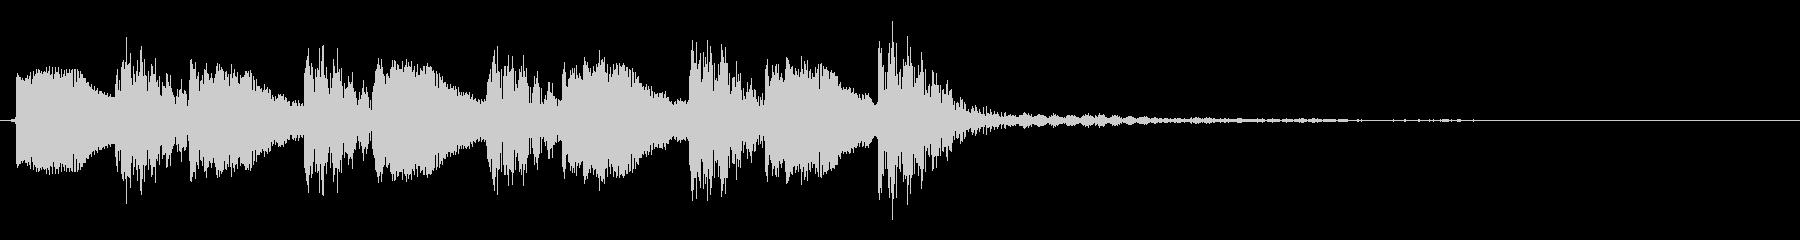 テレテレテレッって感じの正解音です。の未再生の波形